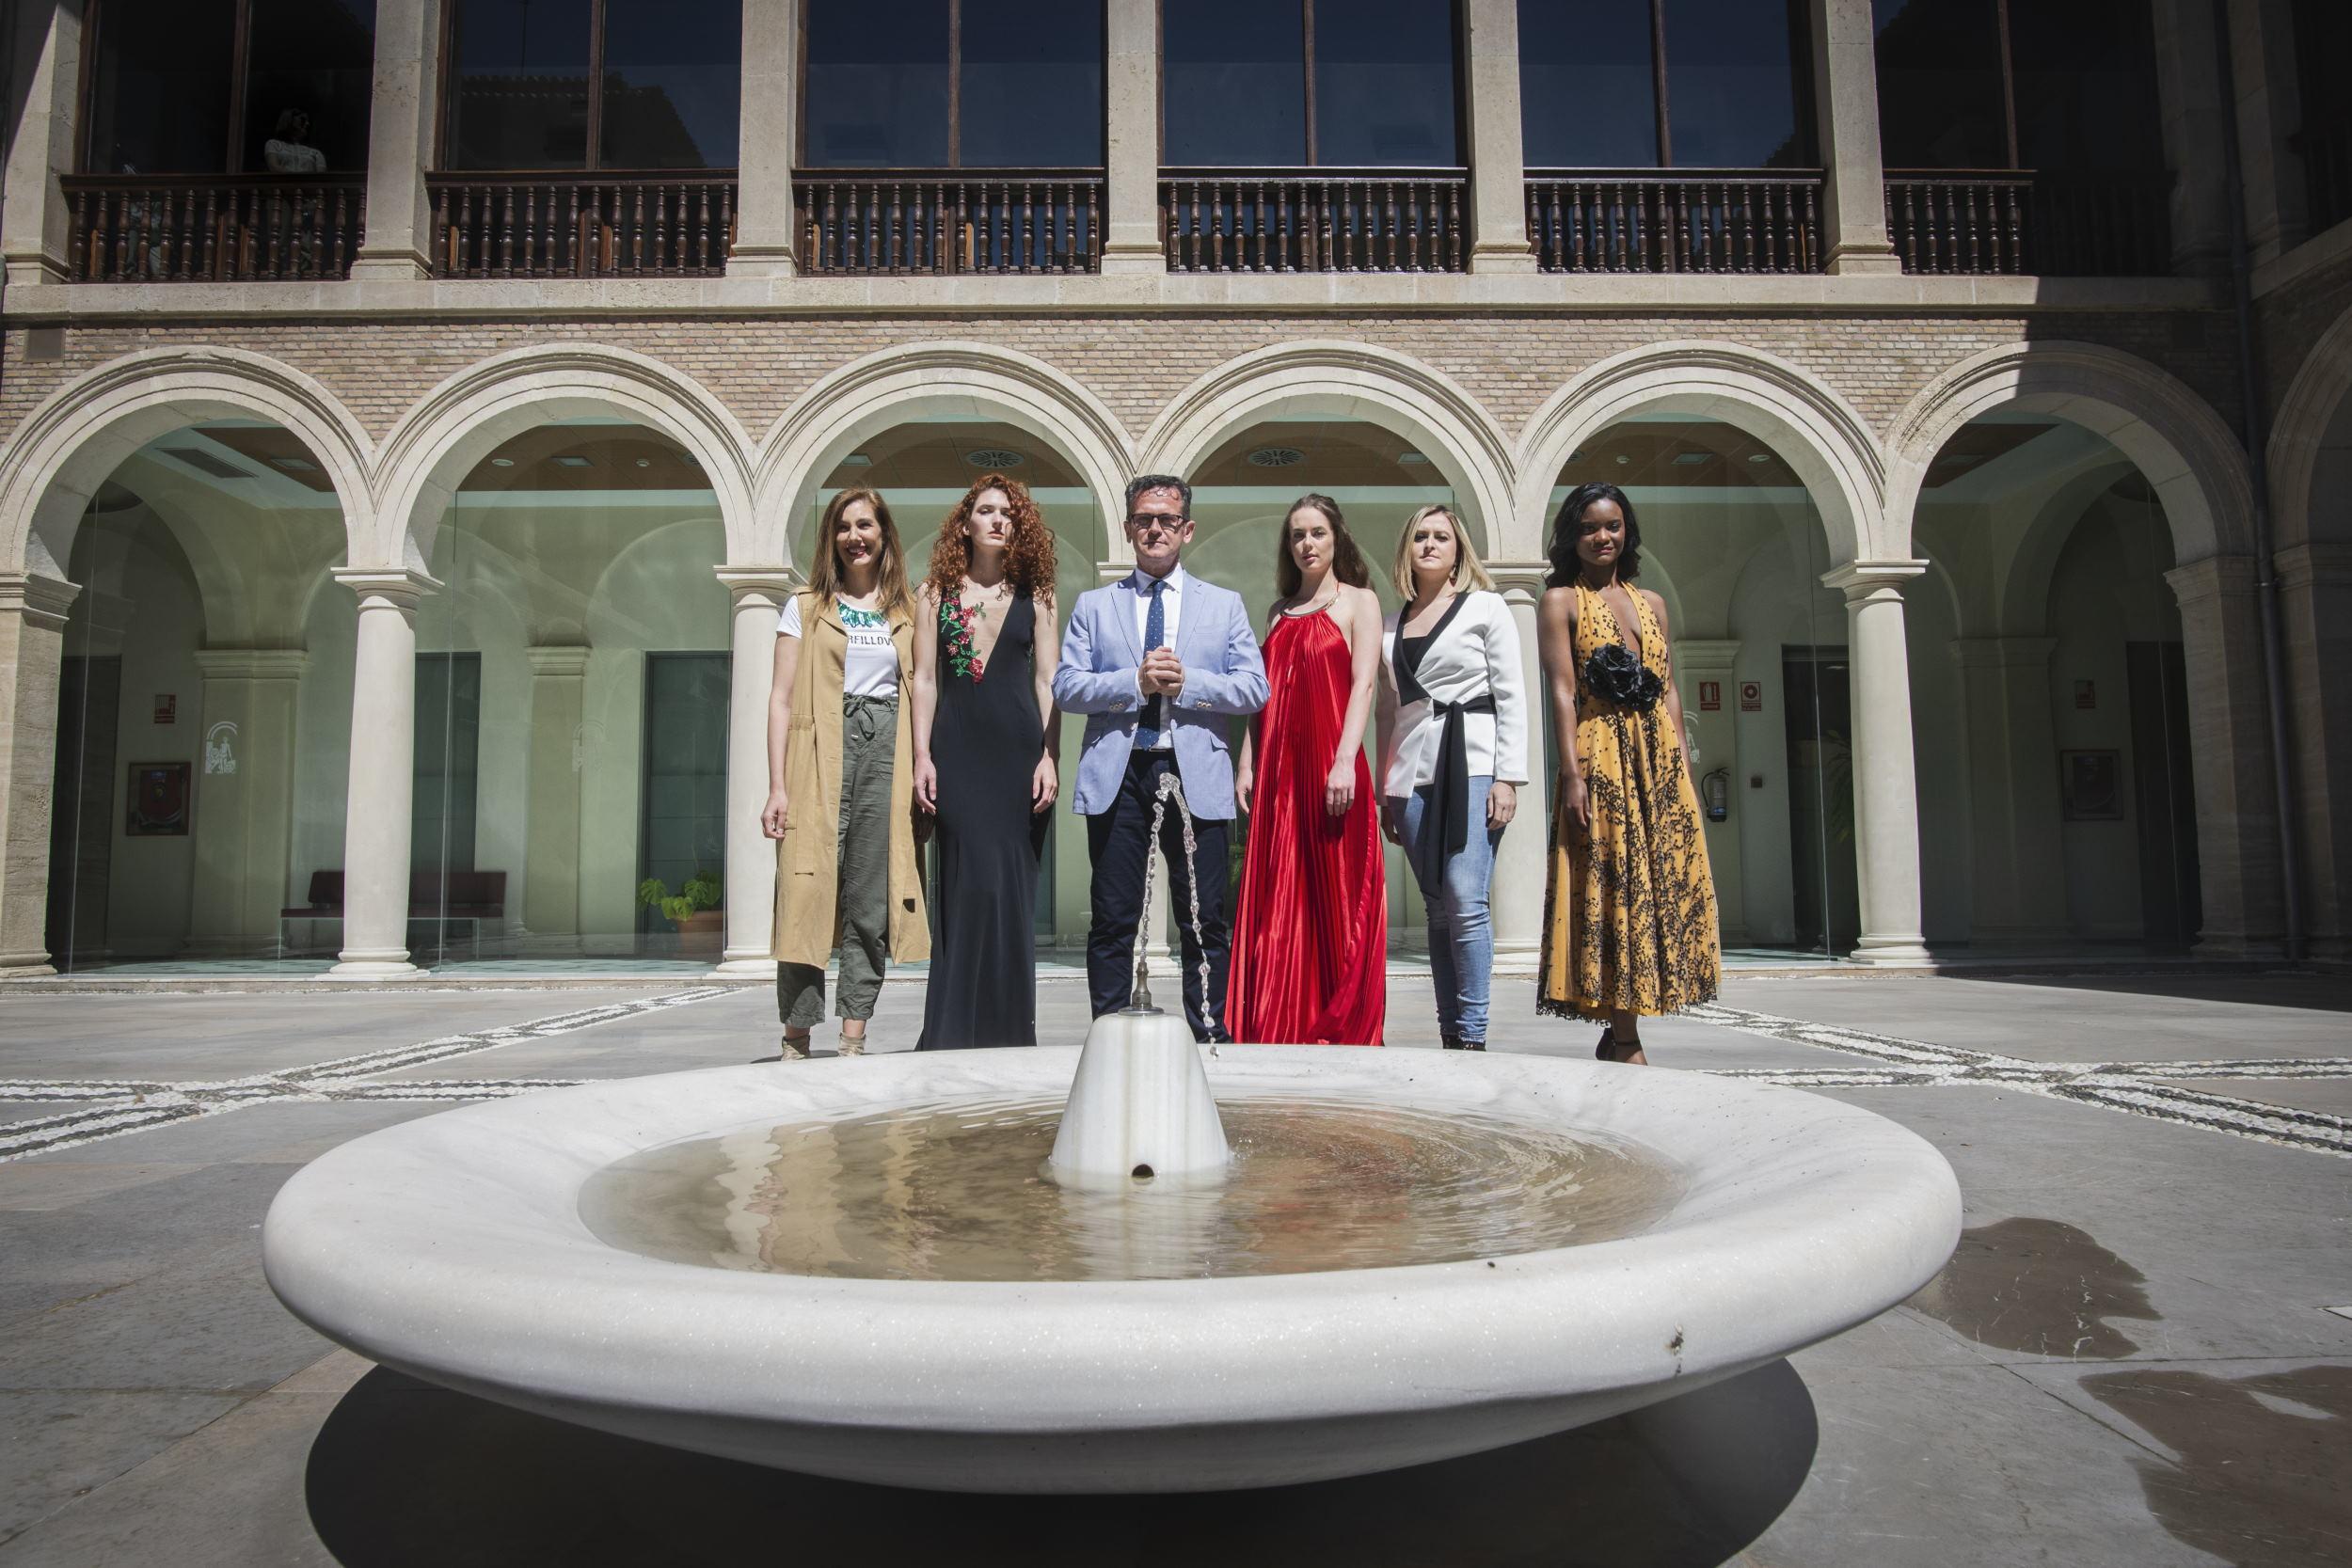 La tercera edición de Granada Alta Cultura busca promover la industria de la moda en la provincia